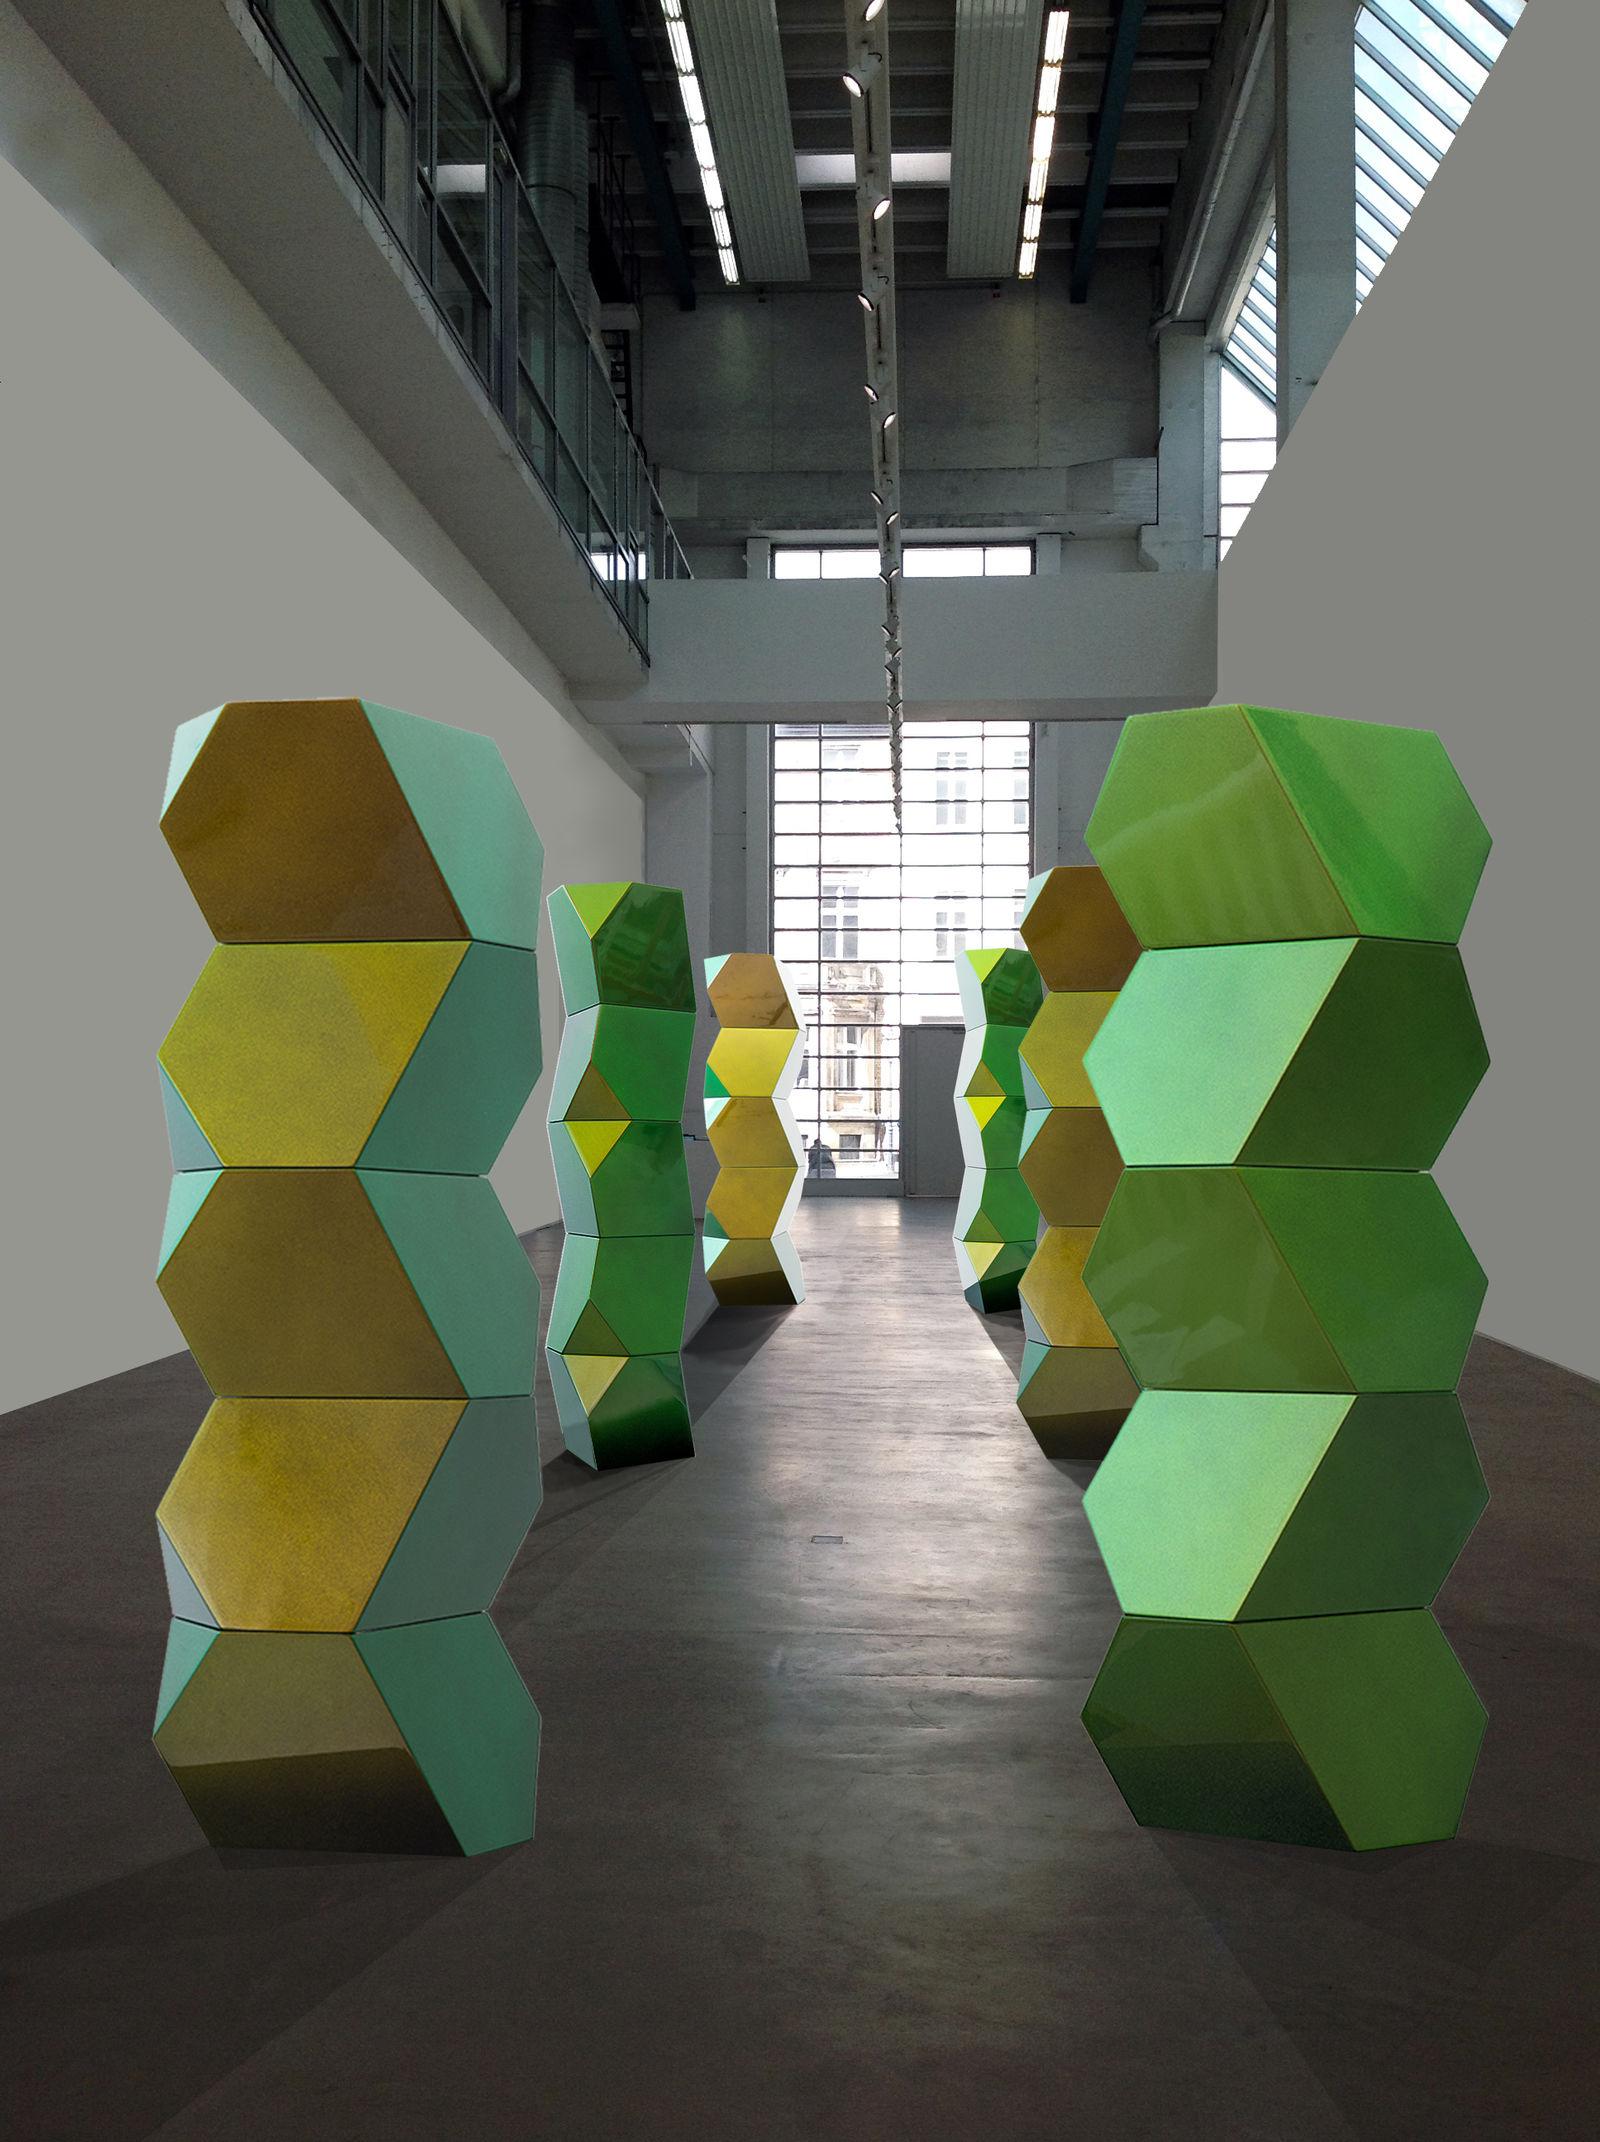 Stele, Gemini Green, 170 x 50 x 45 cm